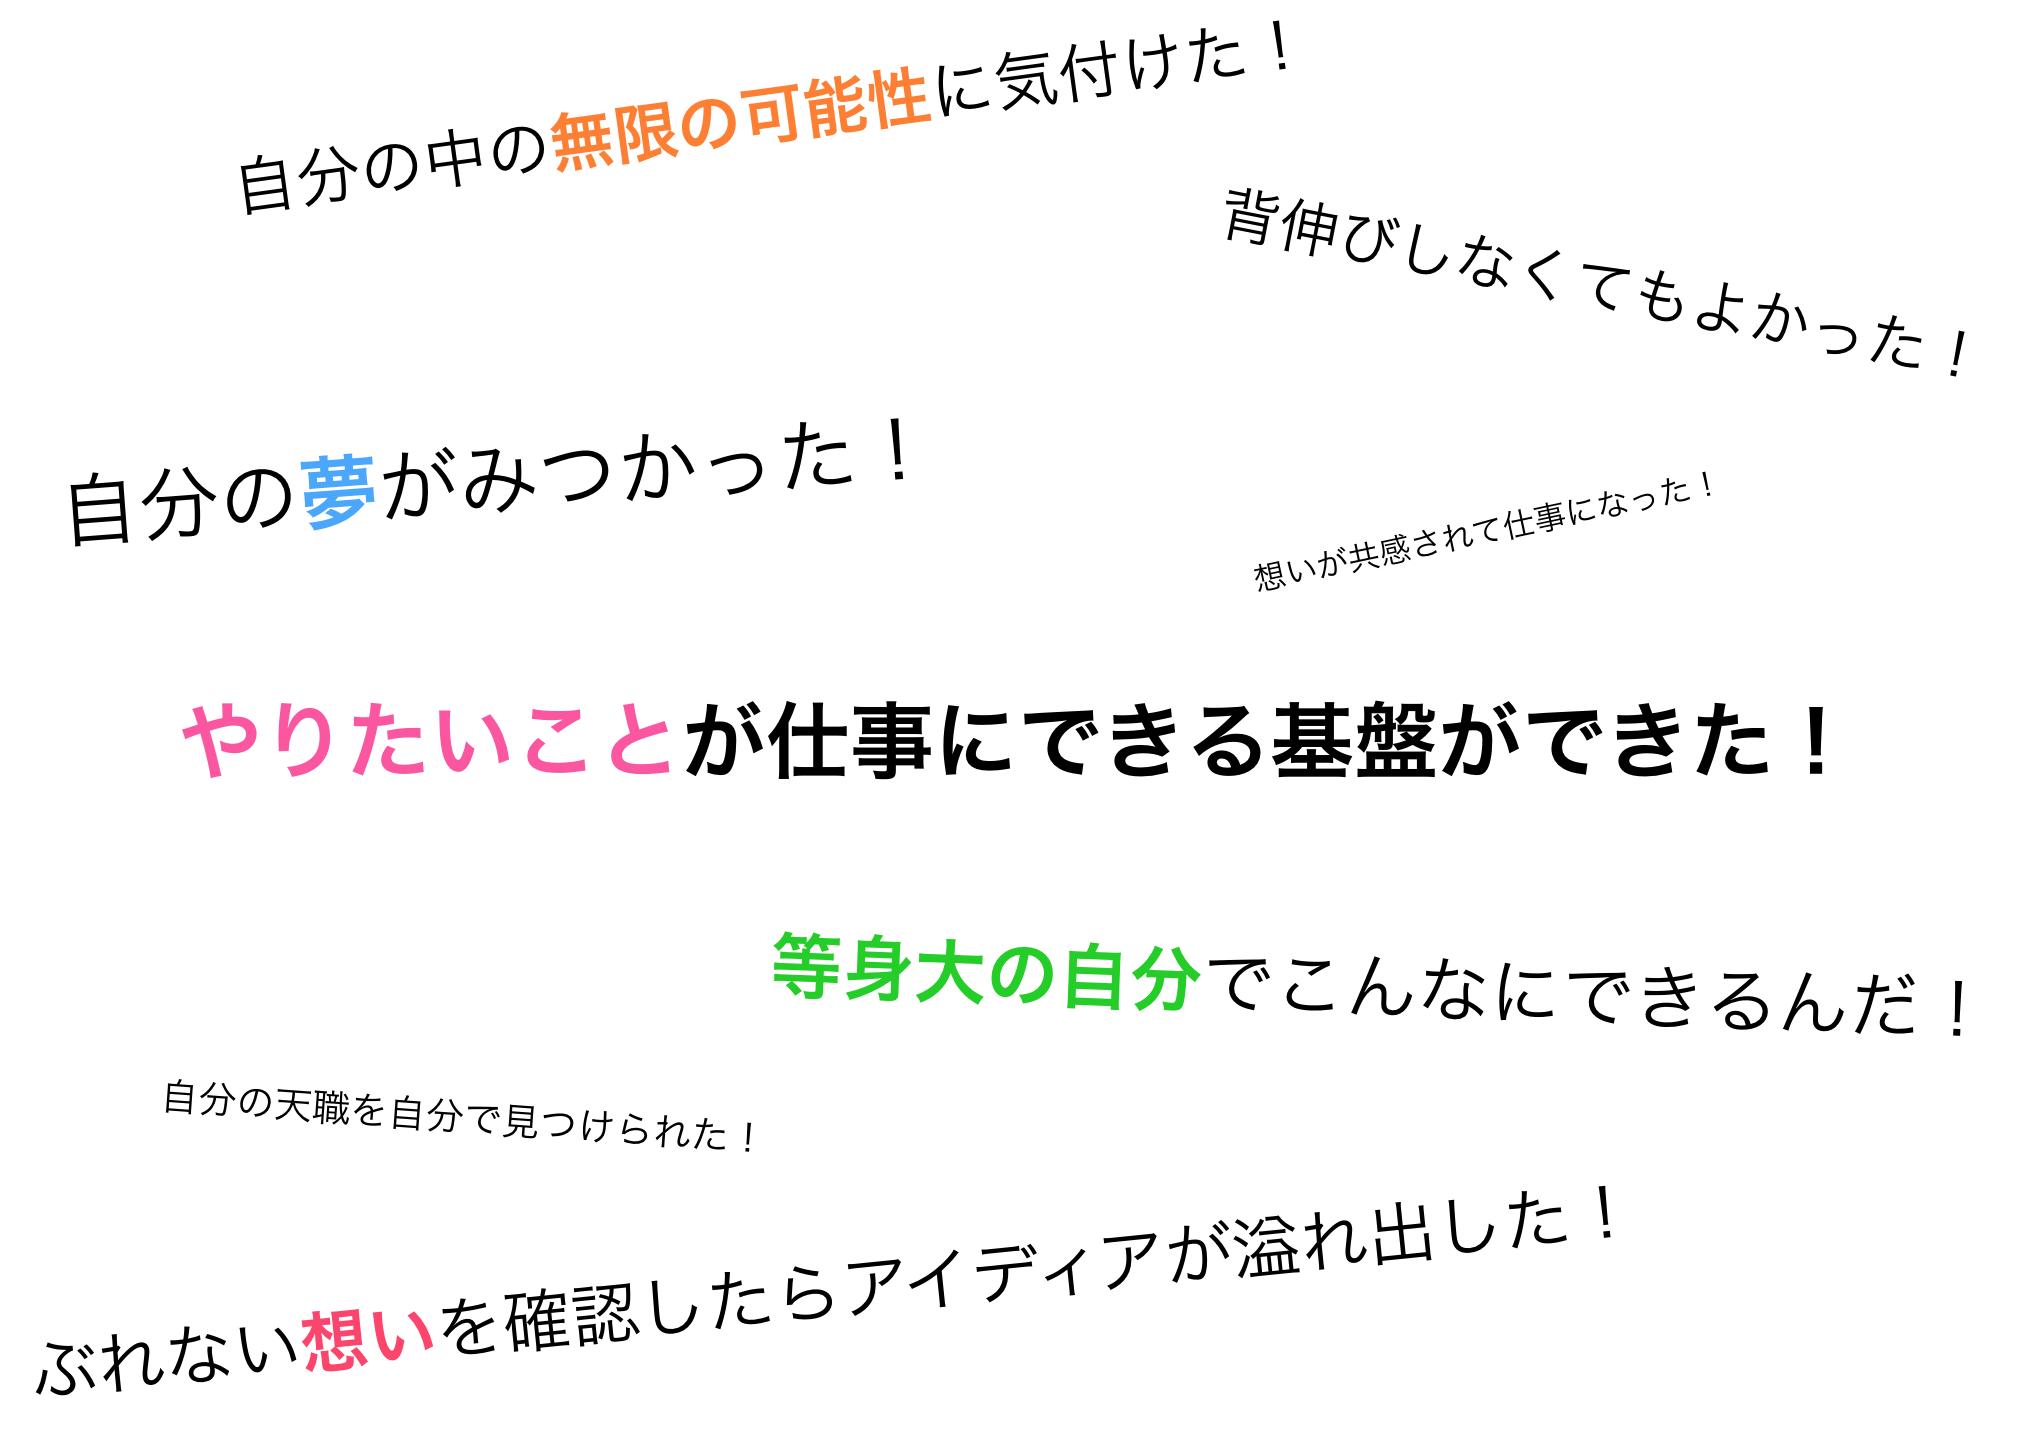 スクリーンショット 2015-04-28 21.18.20